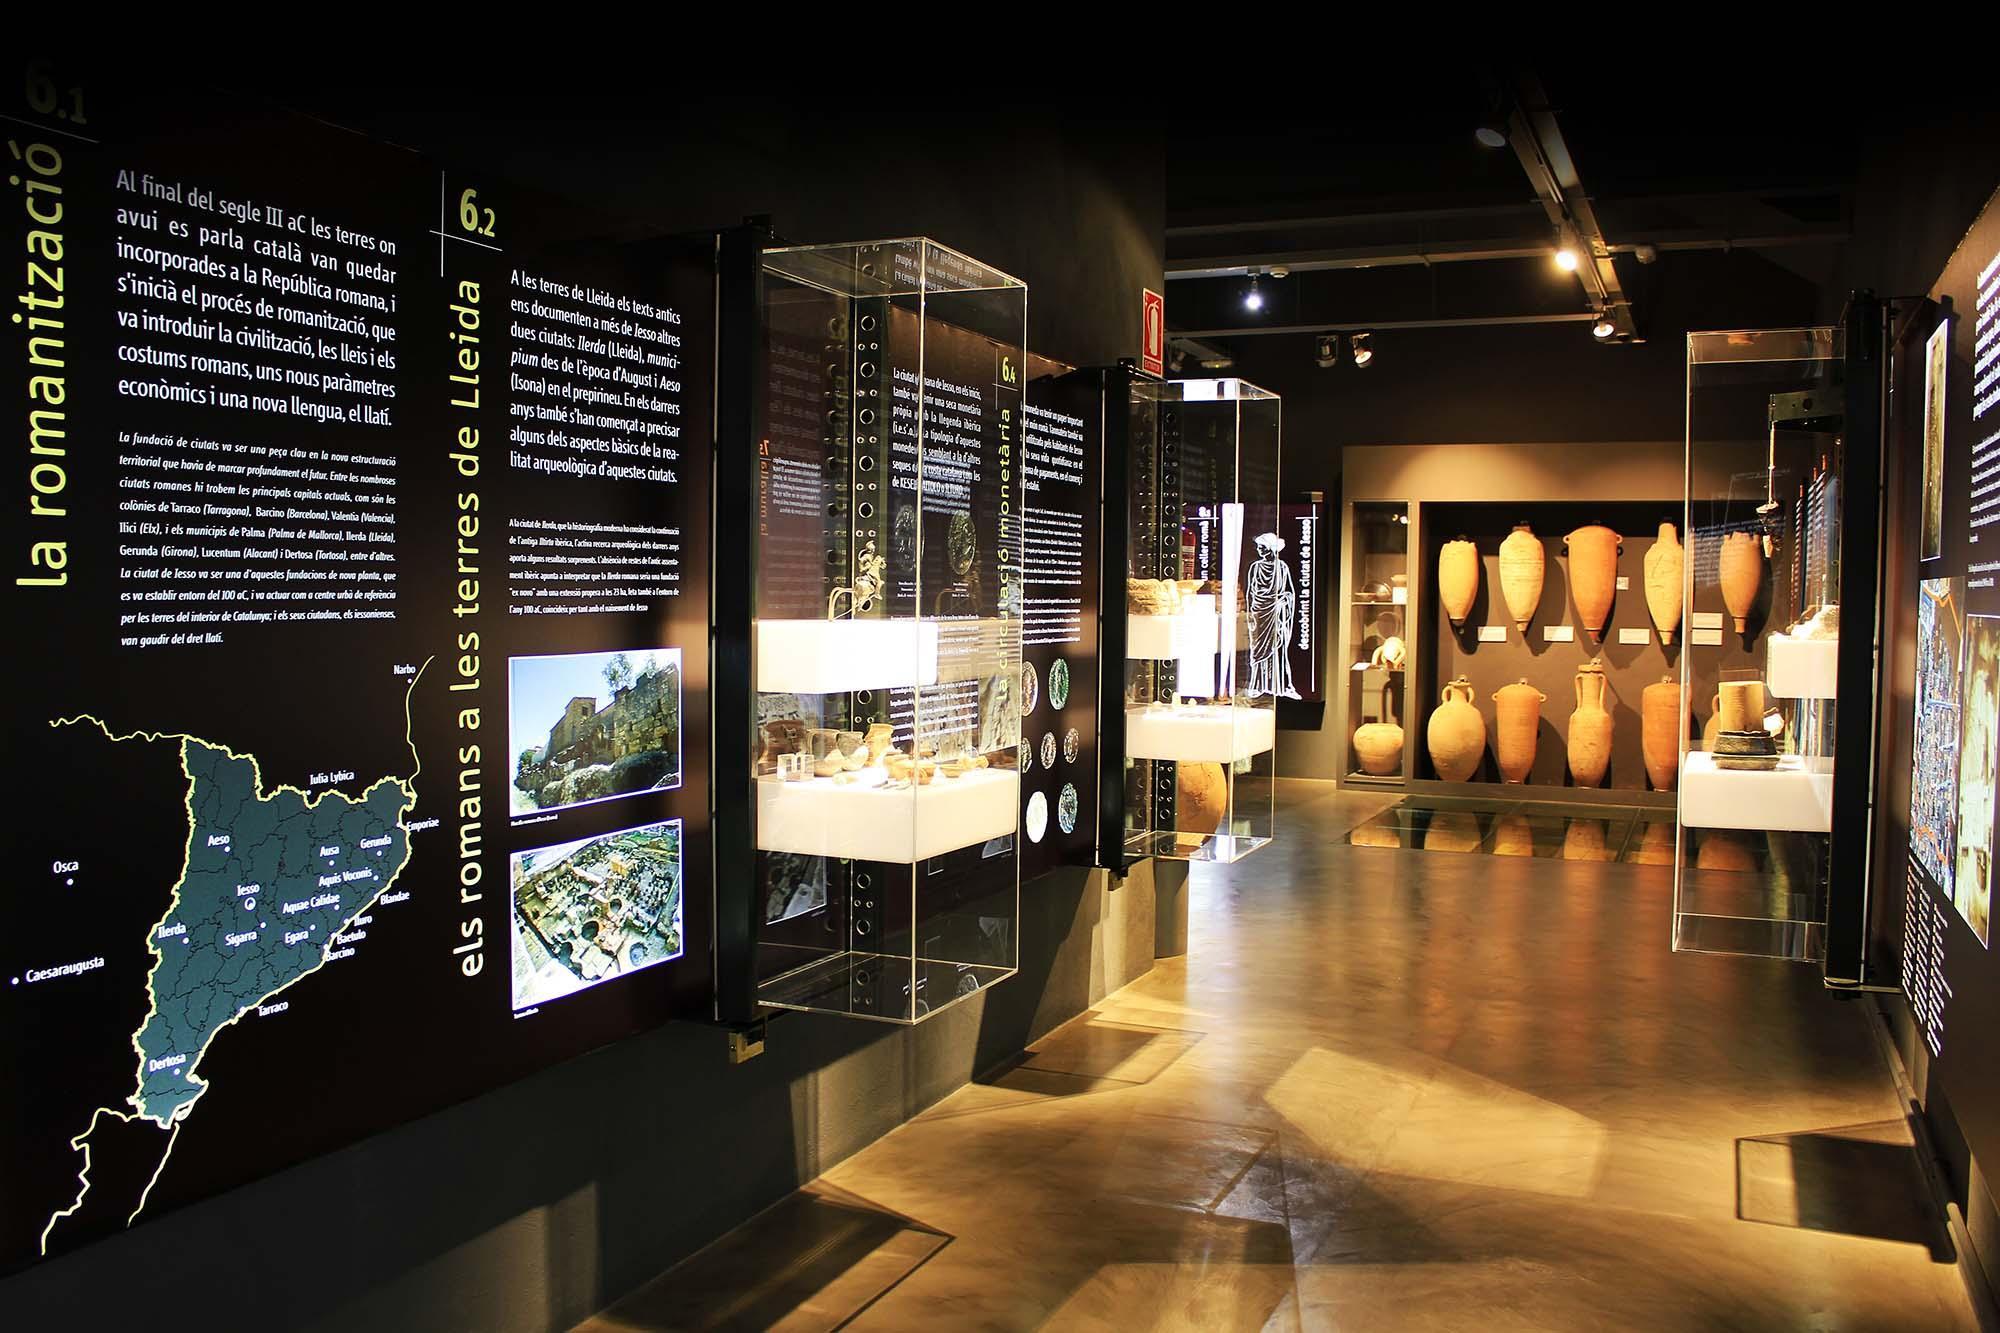 Museu Eduard Camps i Cava